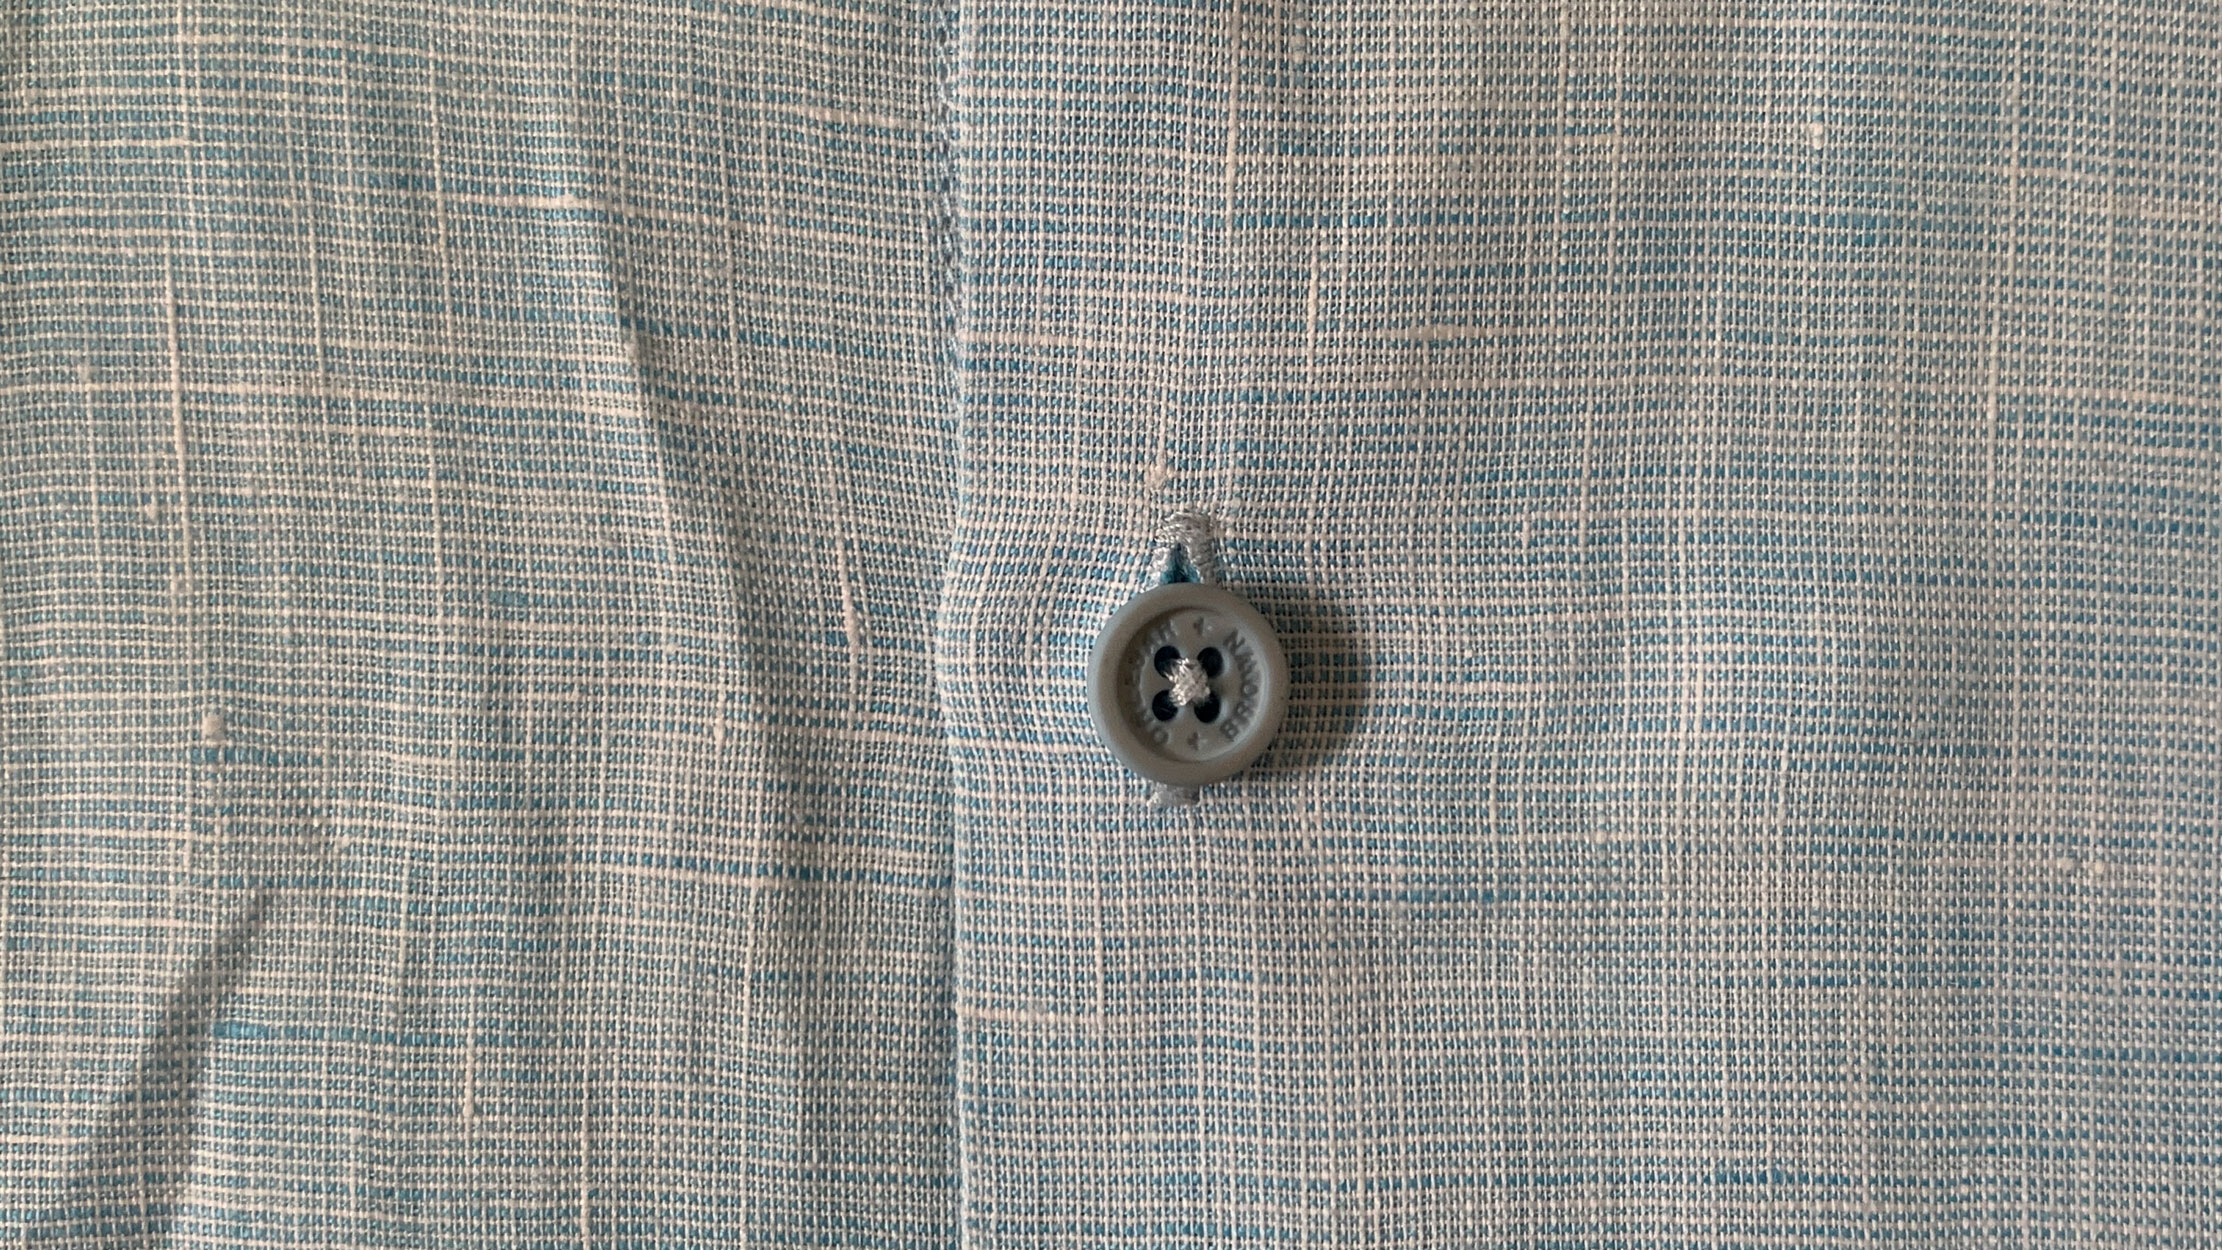 Linen Shirt close up